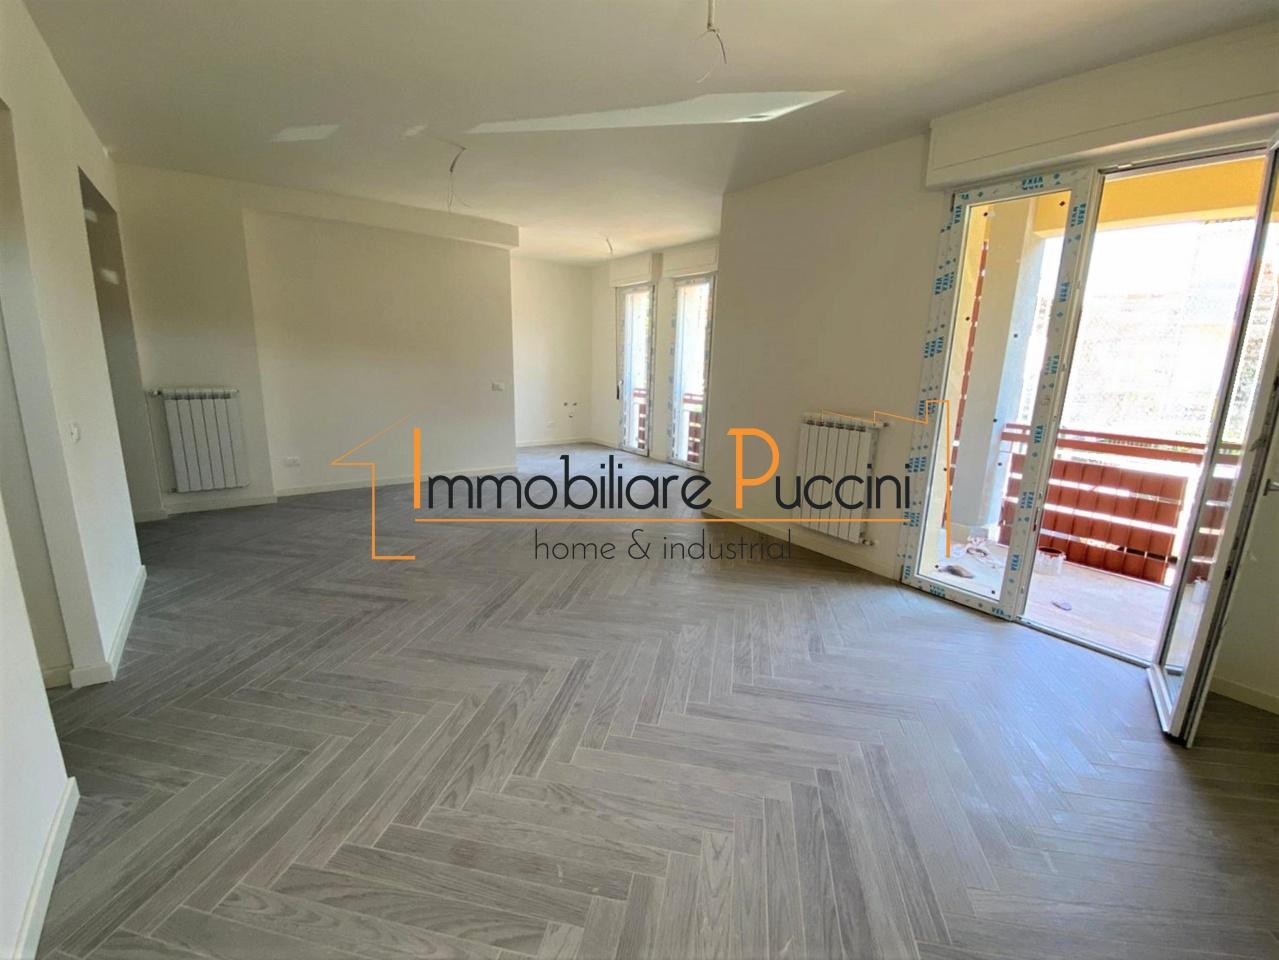 Appartamento in vendita a Calenzano, 3 locali, prezzo € 291.000 | CambioCasa.it